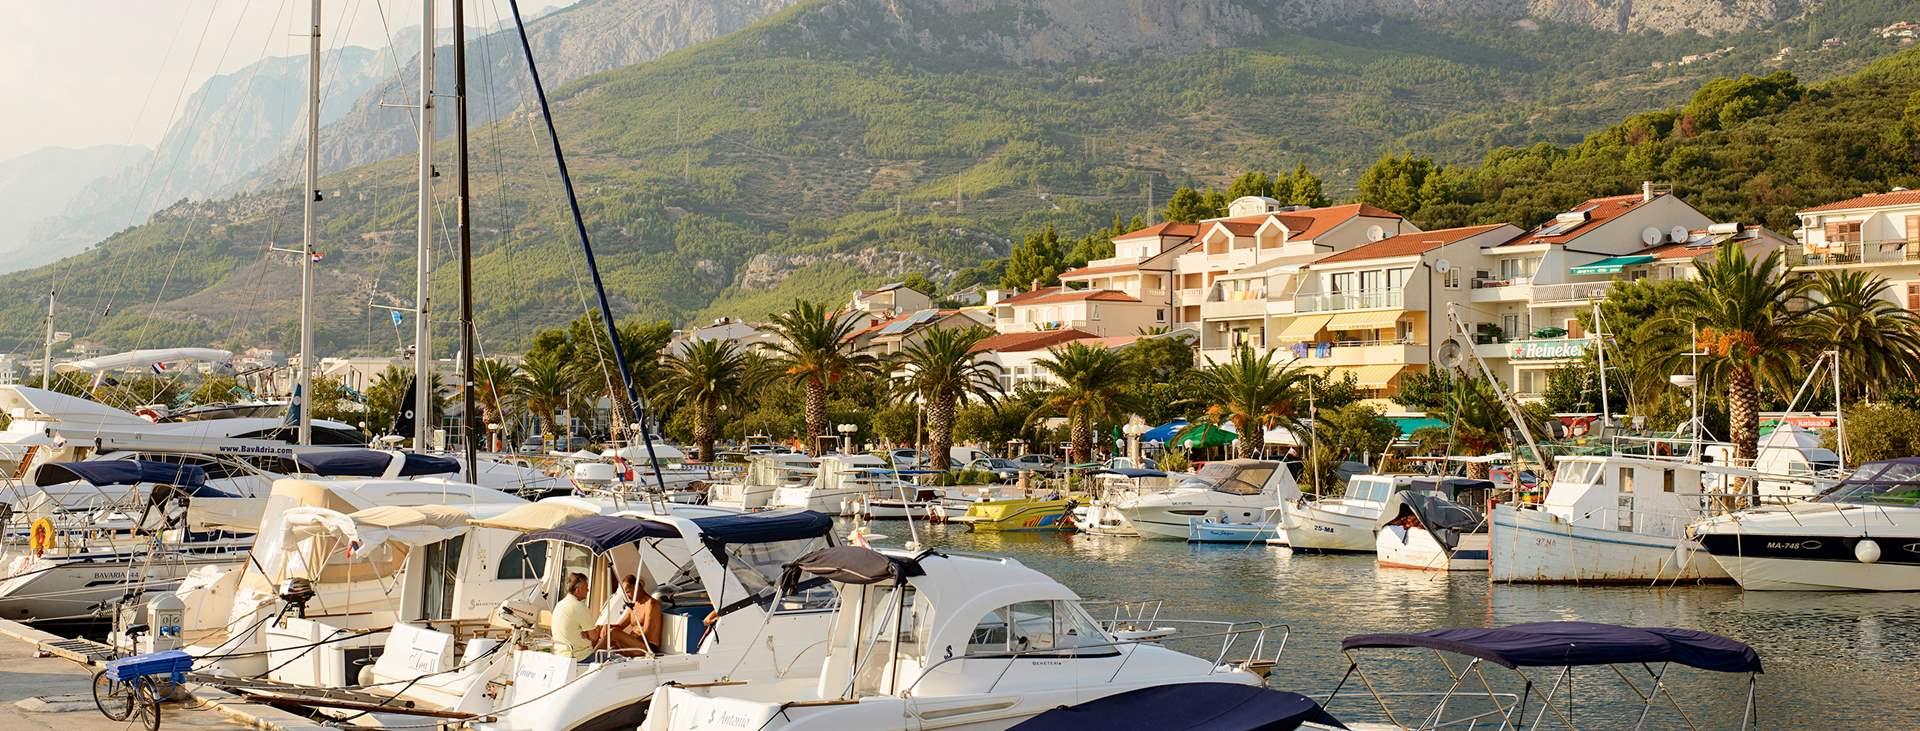 Tjäreborgilta matkoja Tucepiin, Makarskan Rivieralle, Kroatiaan